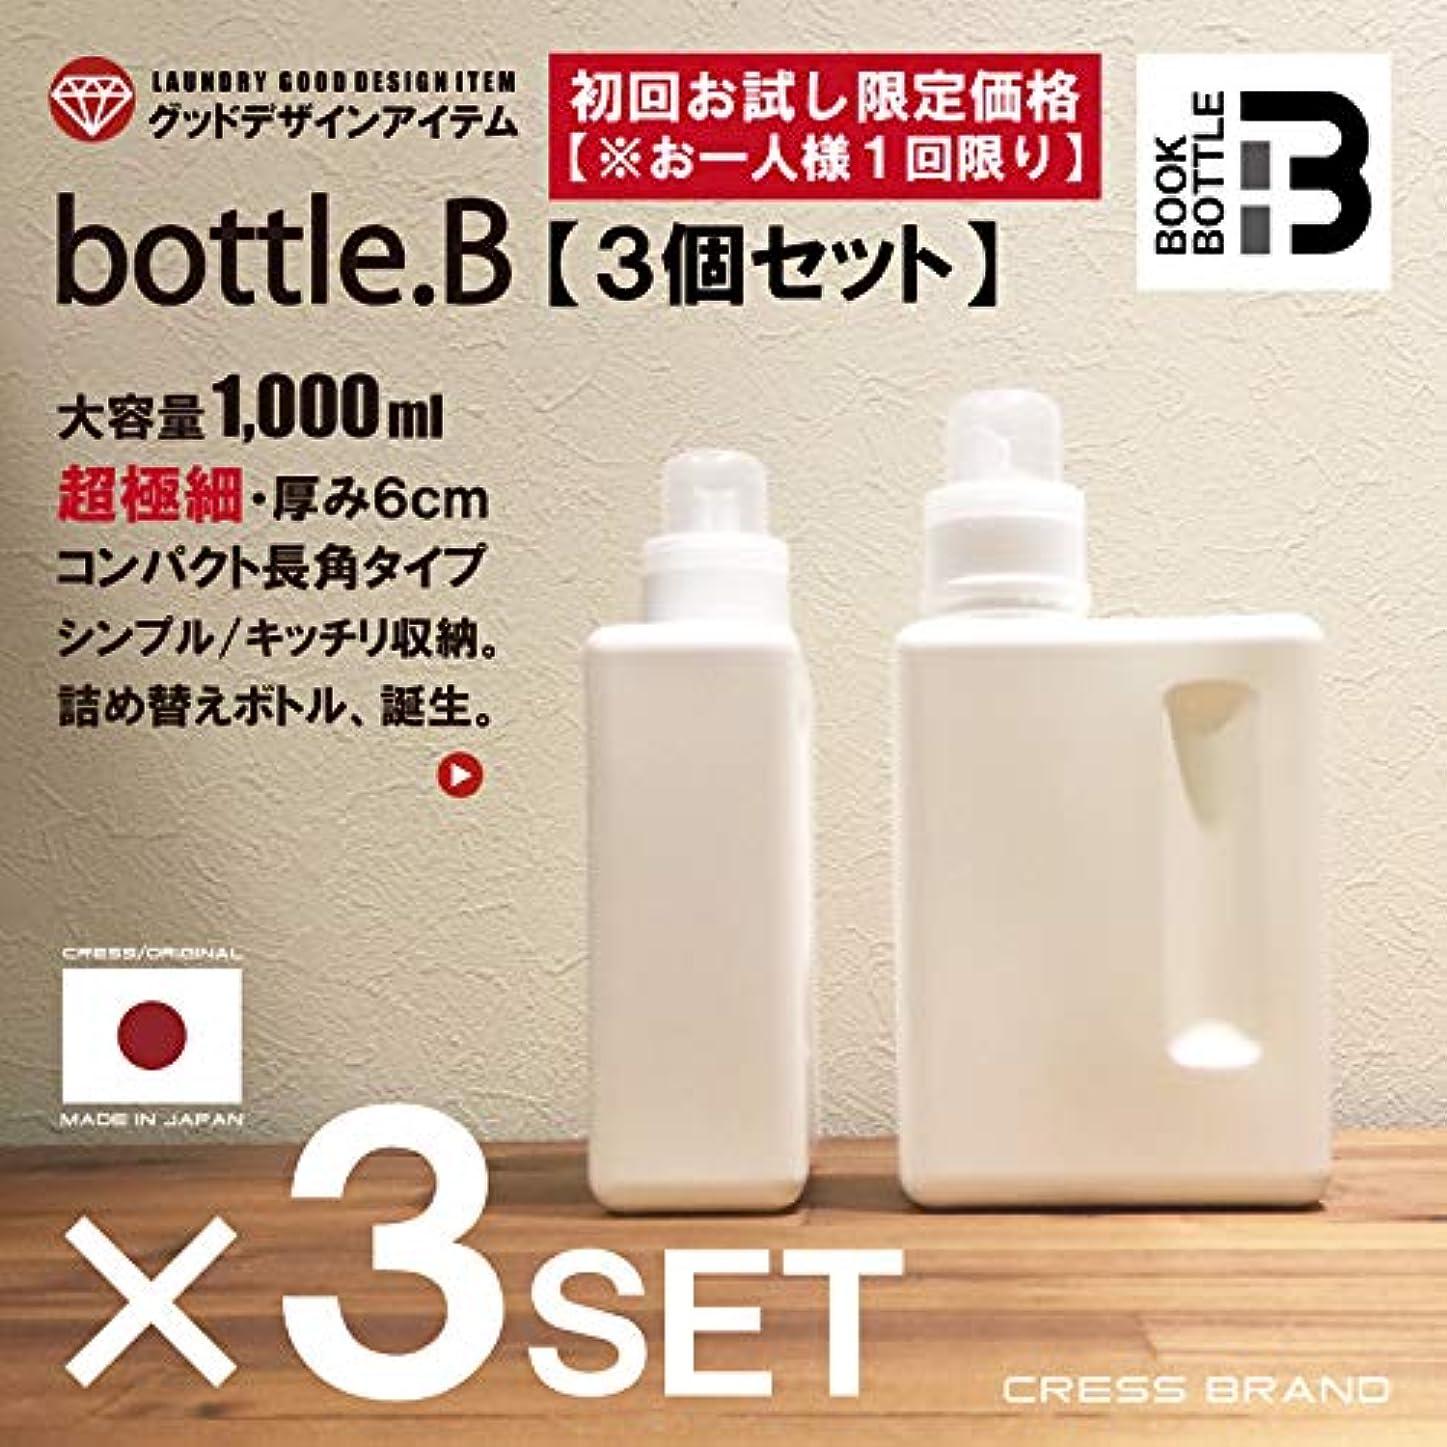 毛細血管文明化報復する<3個セット>bottle.B-3set【初回お試し限定価格?お一人さ様1回限り】[クレス?オリジナルボトル]1000ml BOOK-BOTTLE